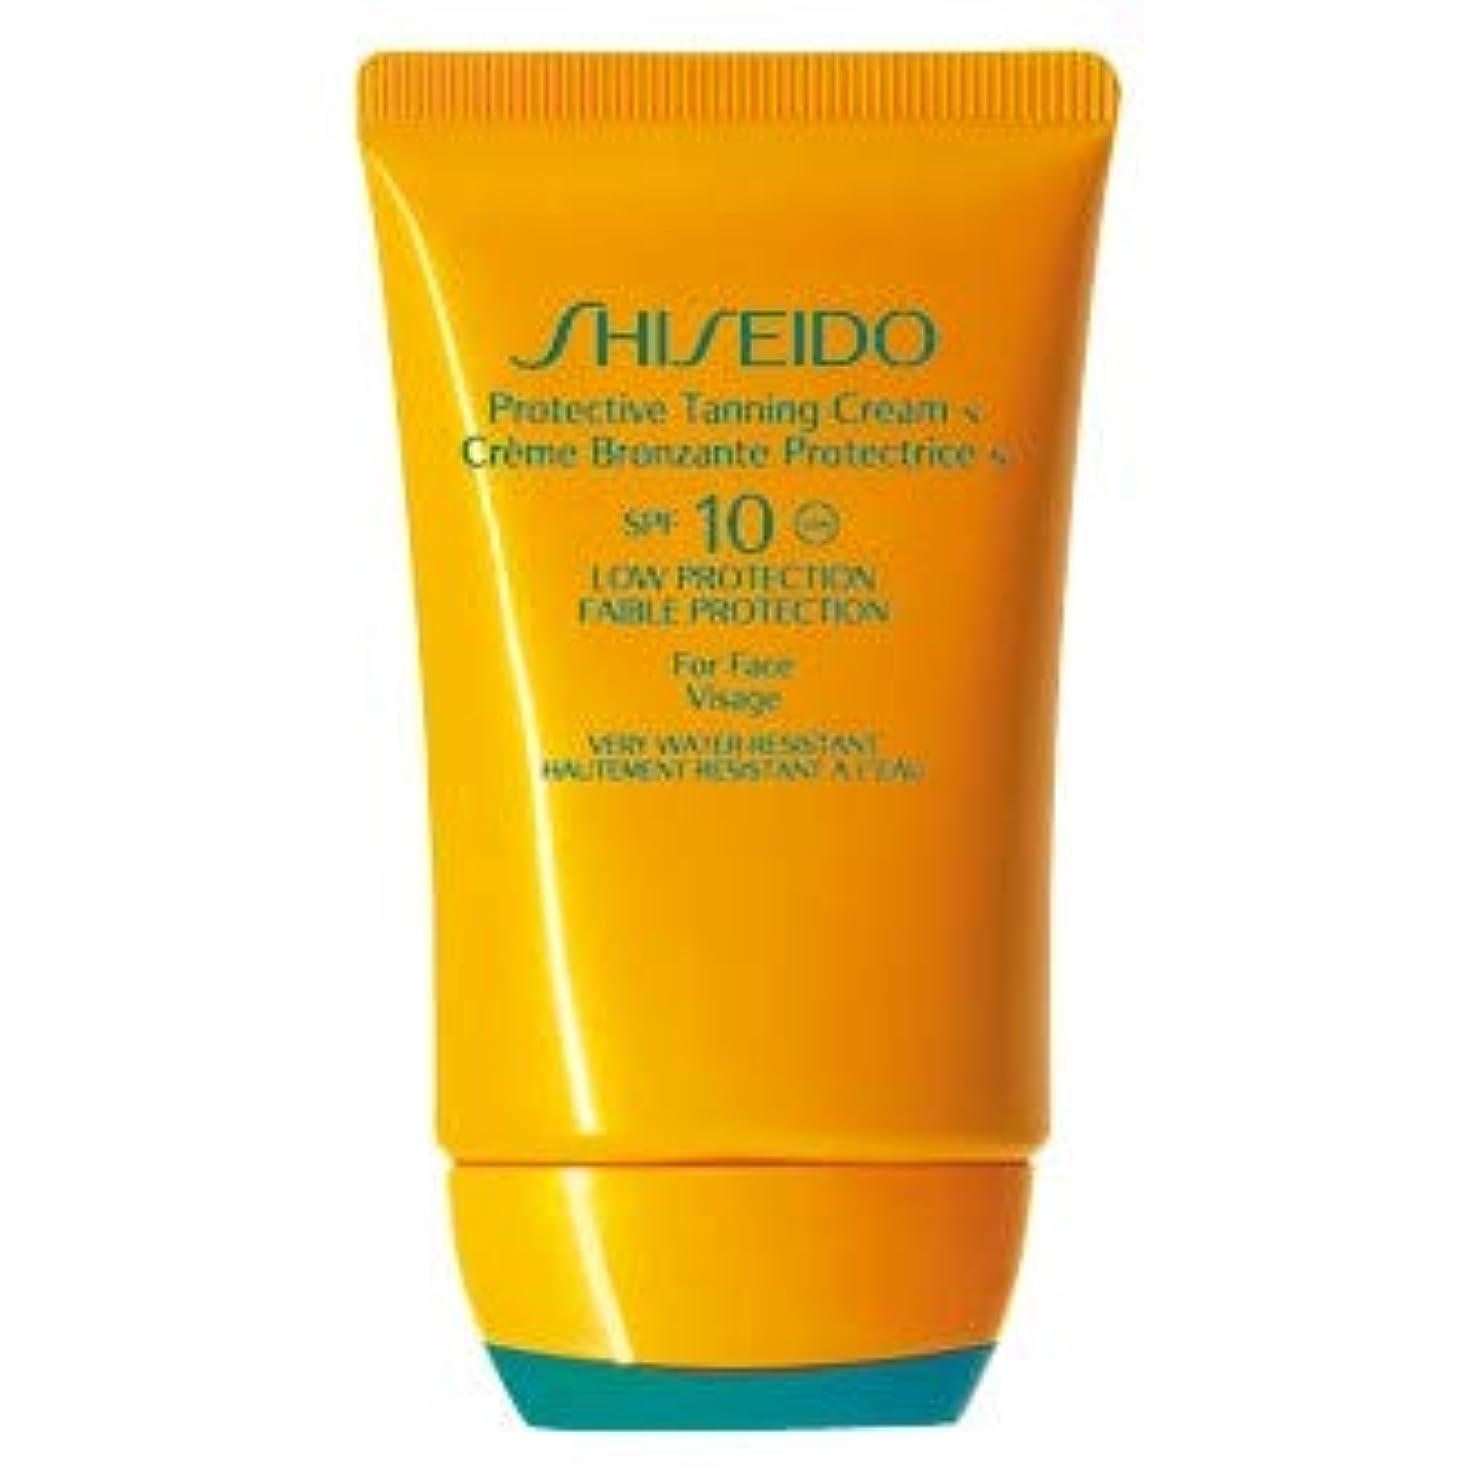 横たわるマスタード見込み[Shiseido] 資生堂保護日焼けクリームN Spf 10 50ミリリットル - Shiseido Protective Tanning Cream N Spf 10 50ml [並行輸入品]